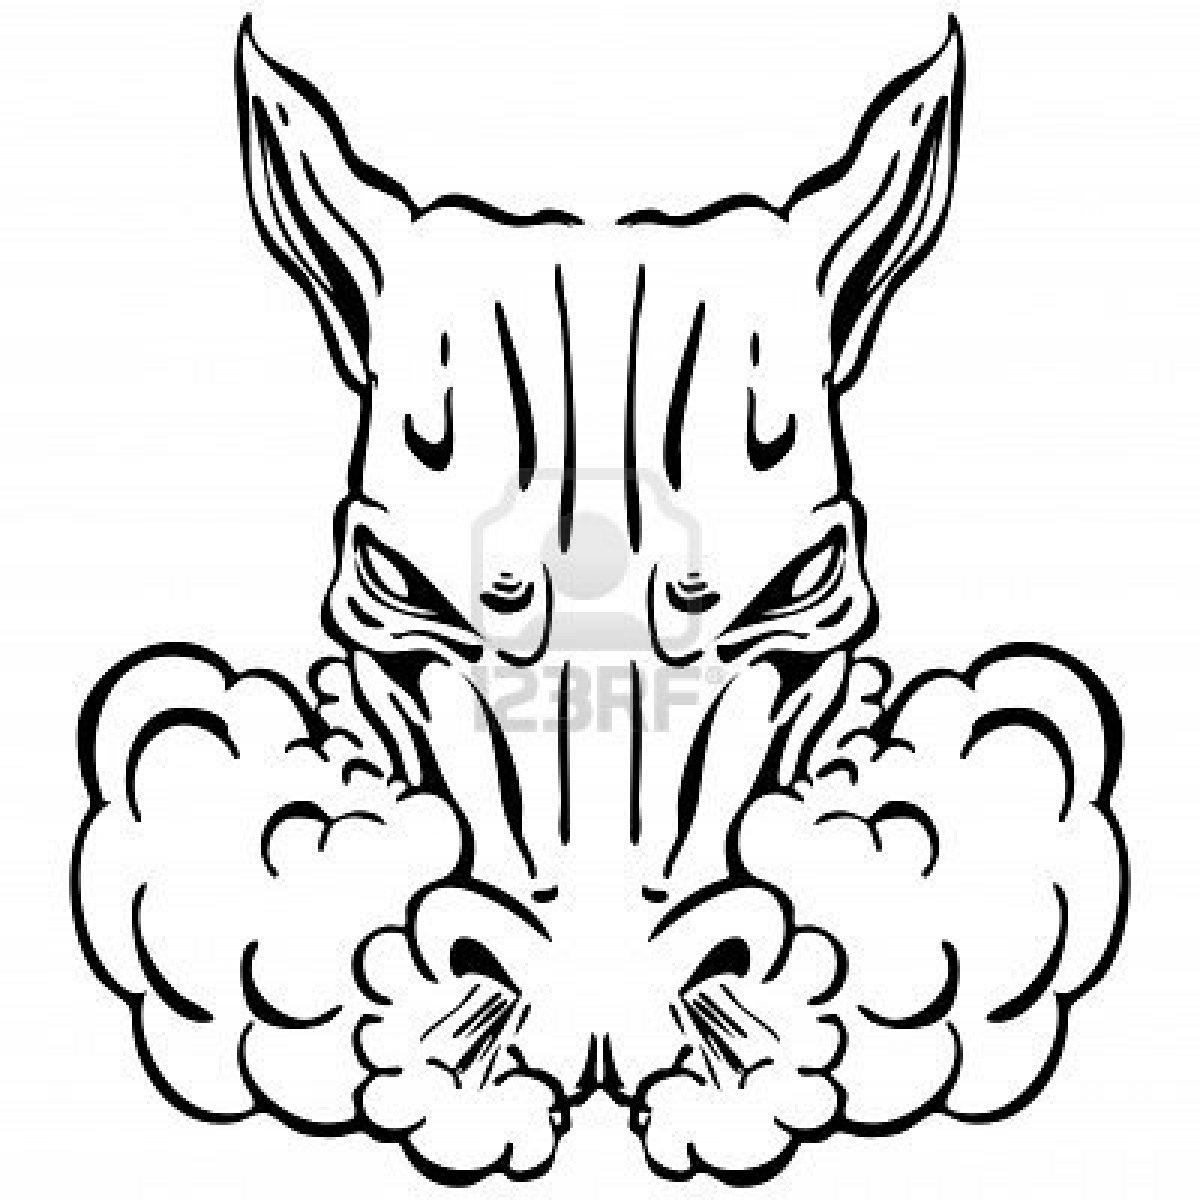 Dibujo de cabeza de caballo para colorear - Imagui